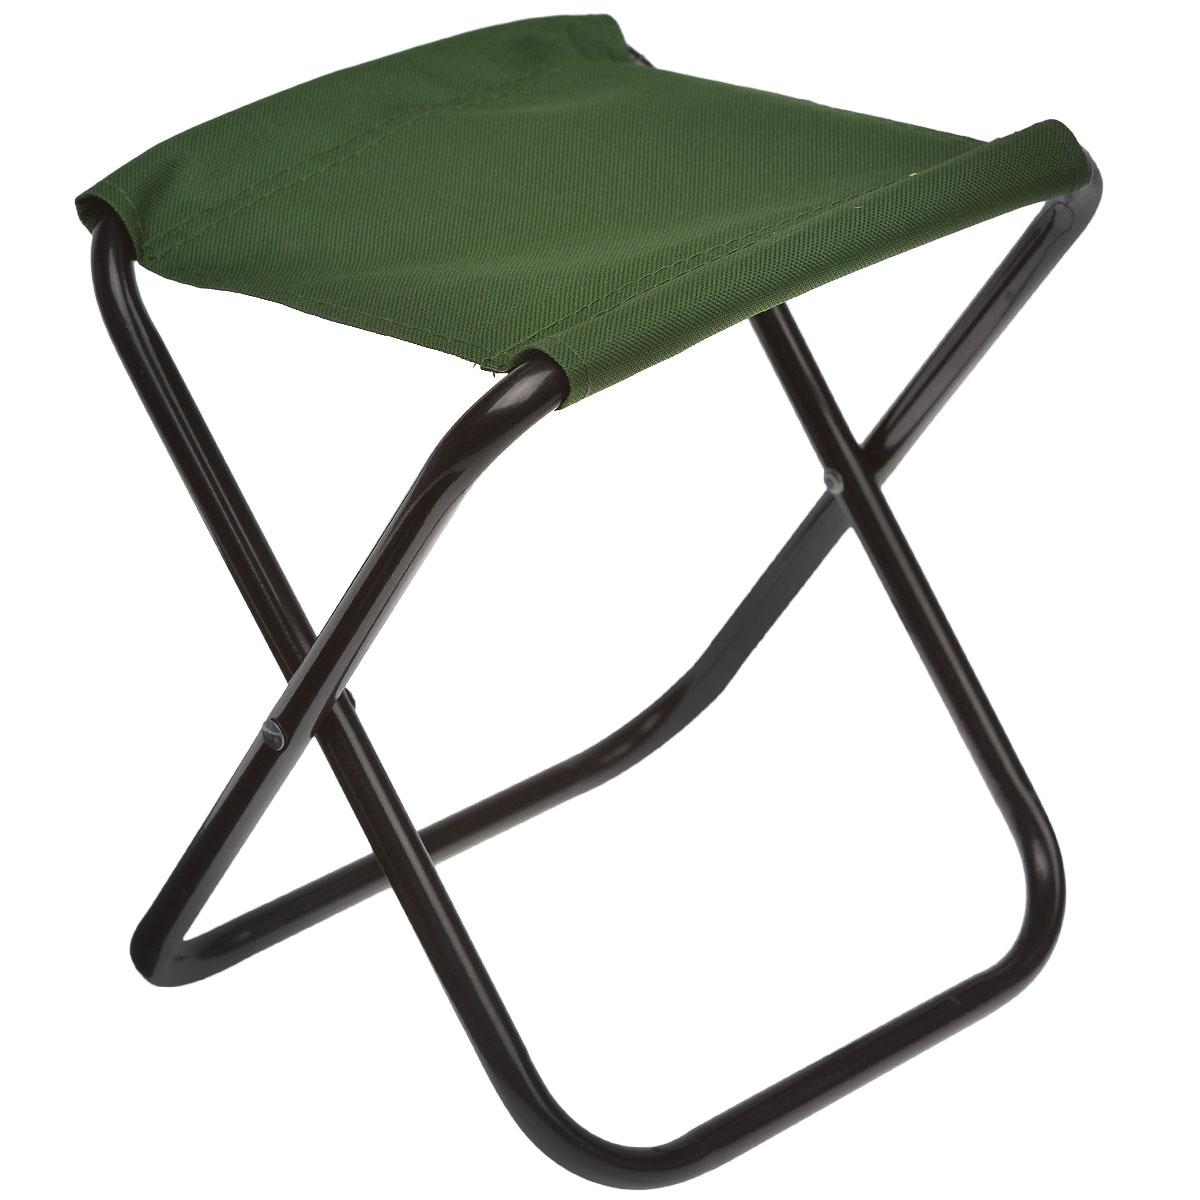 Стул складной Happy Camper, цвет: зеленыйЛК-704Складной стул Happy Camper станет незаменимым предметом в походе, на природе, на рыбалке, а также на даче. Изготовлен из ткани Оксфорд 600D с покрытием из ПВХ. Каркас выполнен из стали. Выдерживает нагрузку в 60 кг.